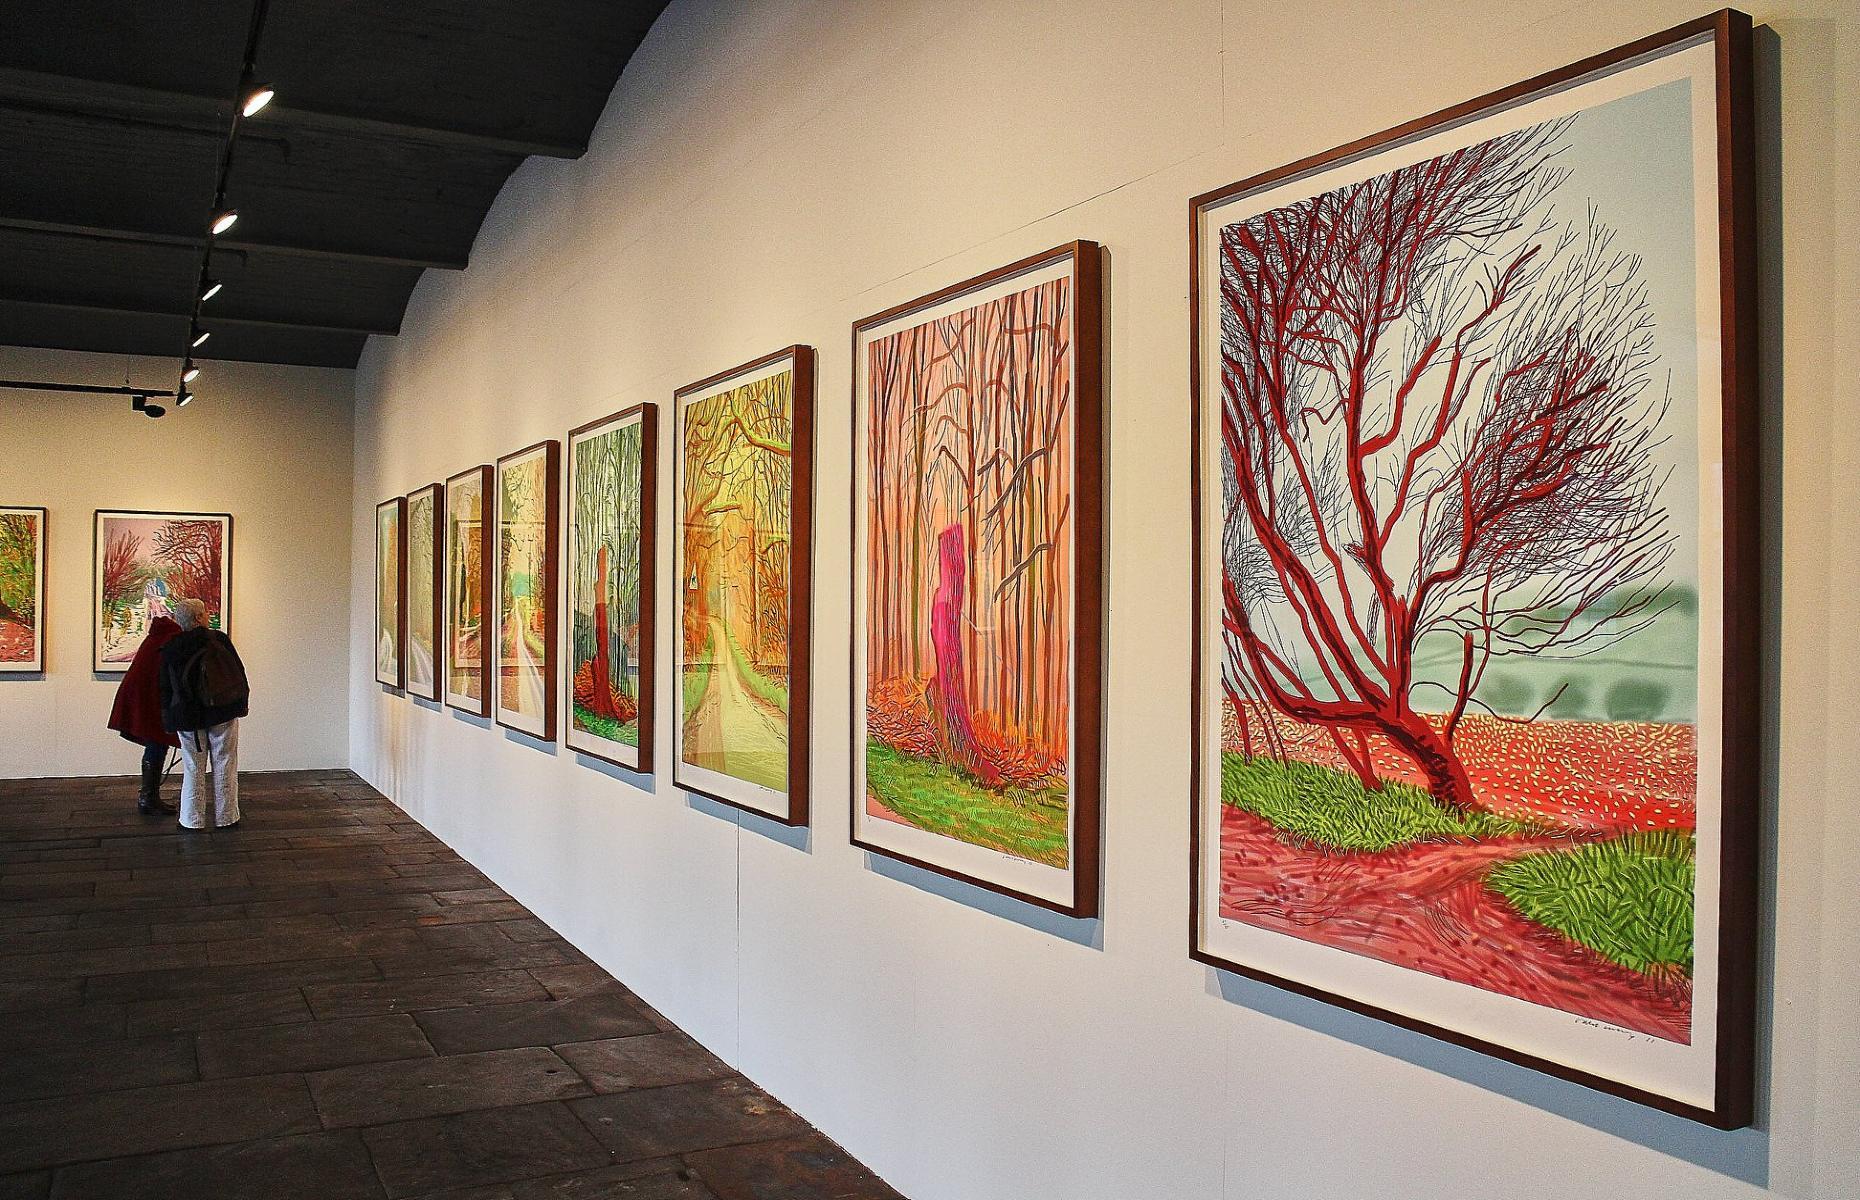 Hockney artwork in Salts Mill (Image: Salts Mill/Facebook)